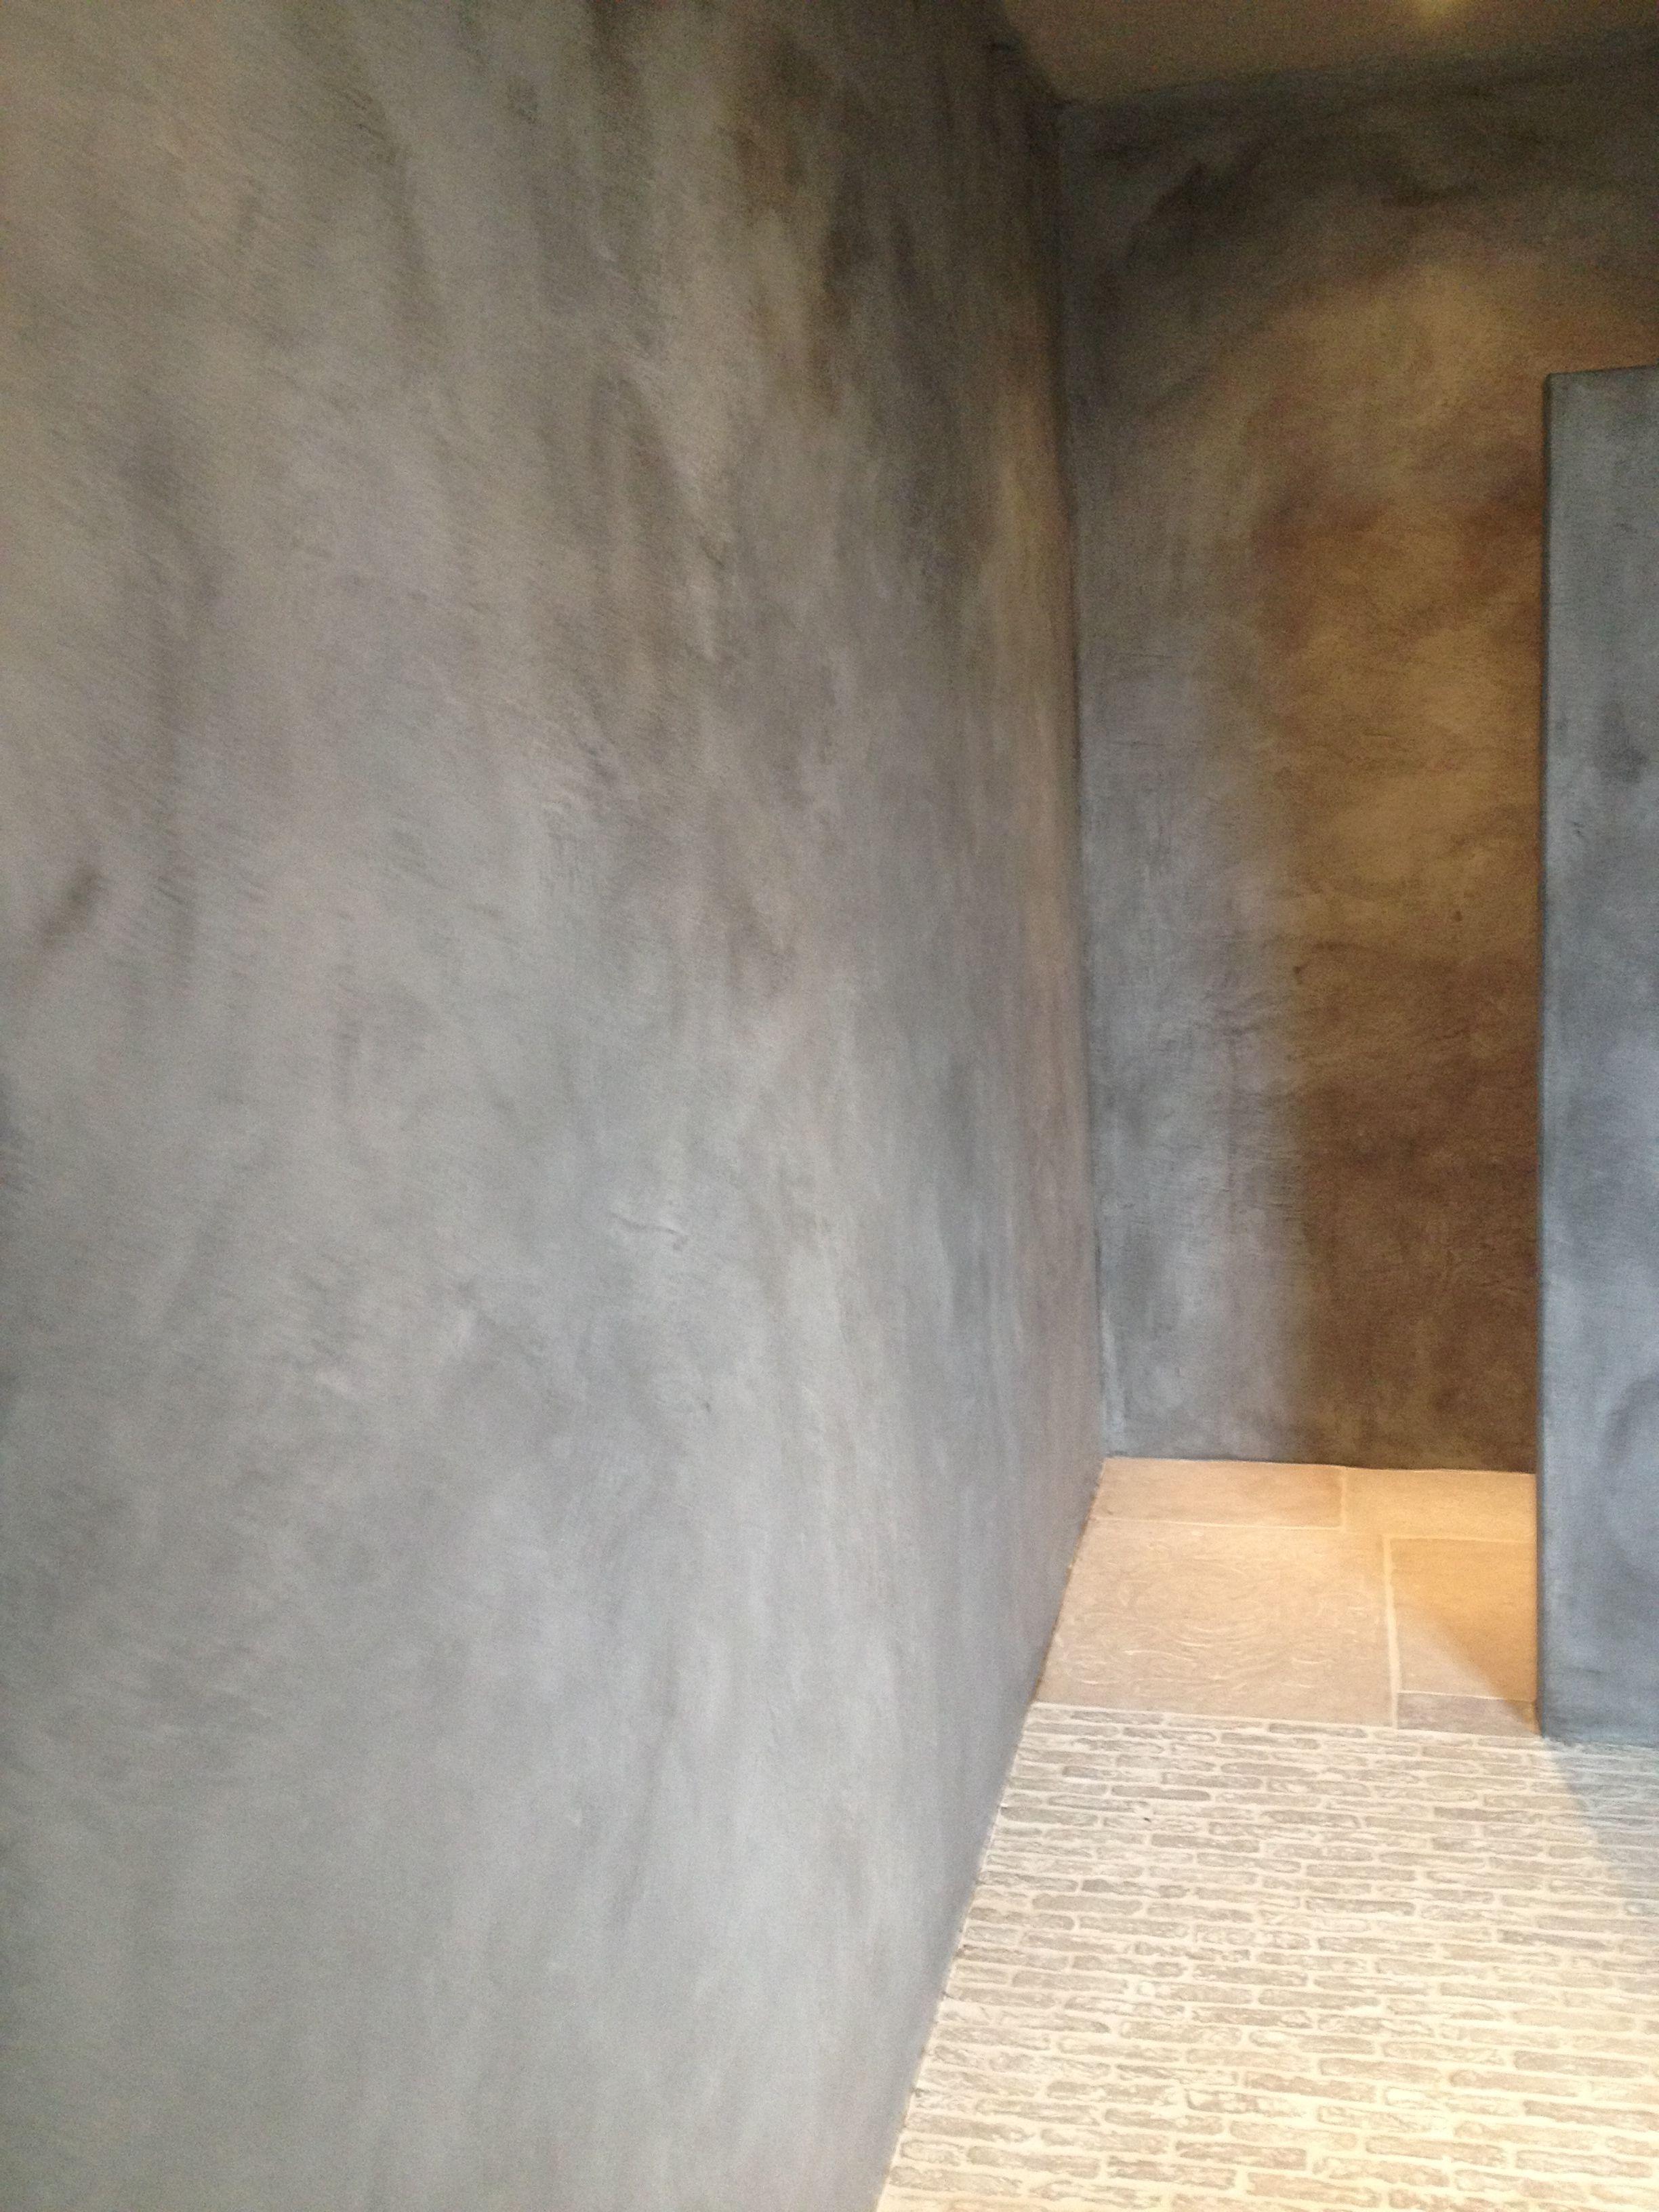 badkamer andere kleur muur maar bi tussen betonlook muur en